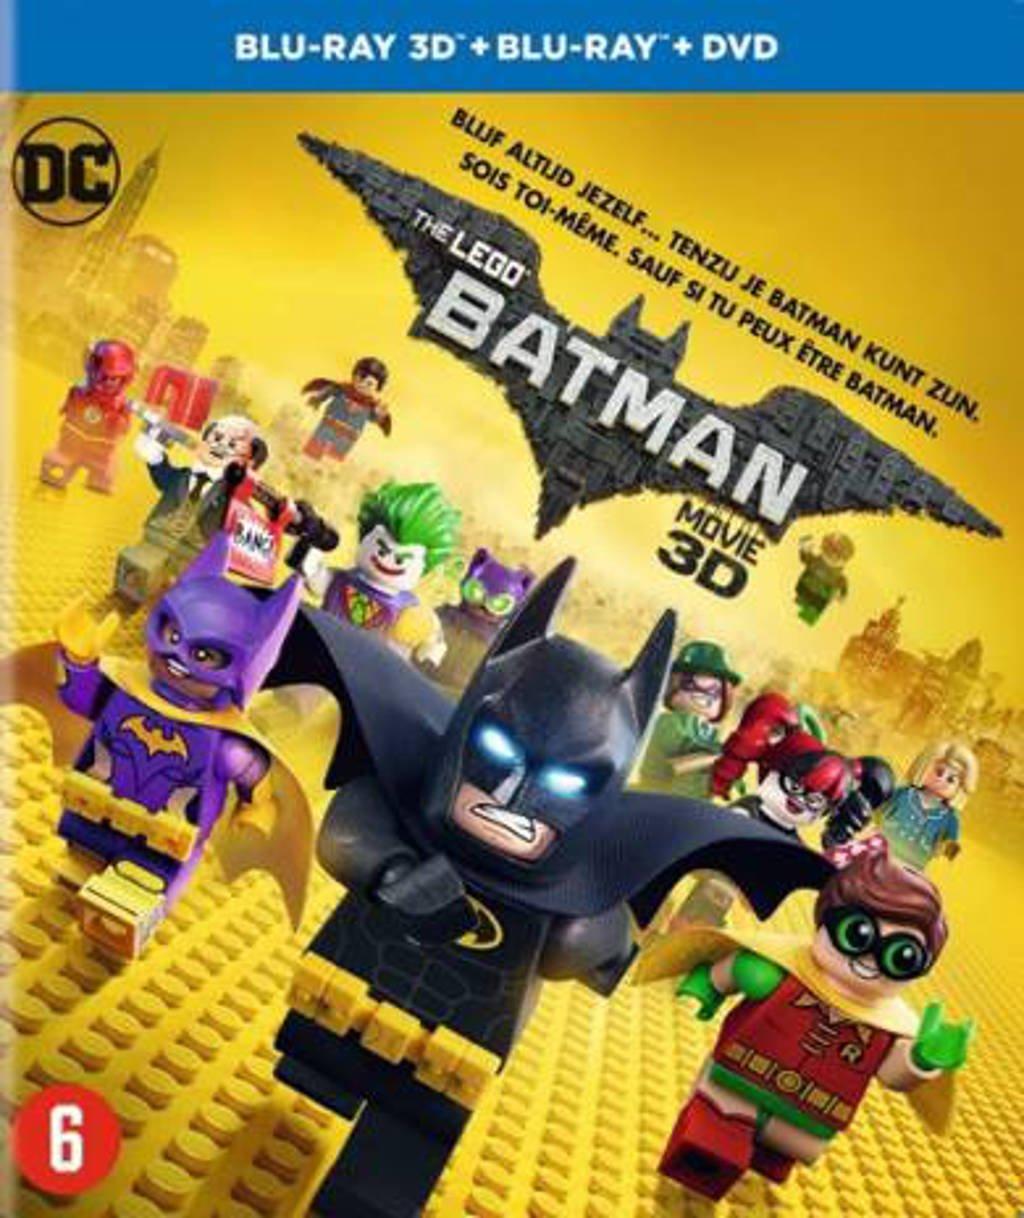 Lego Batman movie (3D) (Blu-ray)